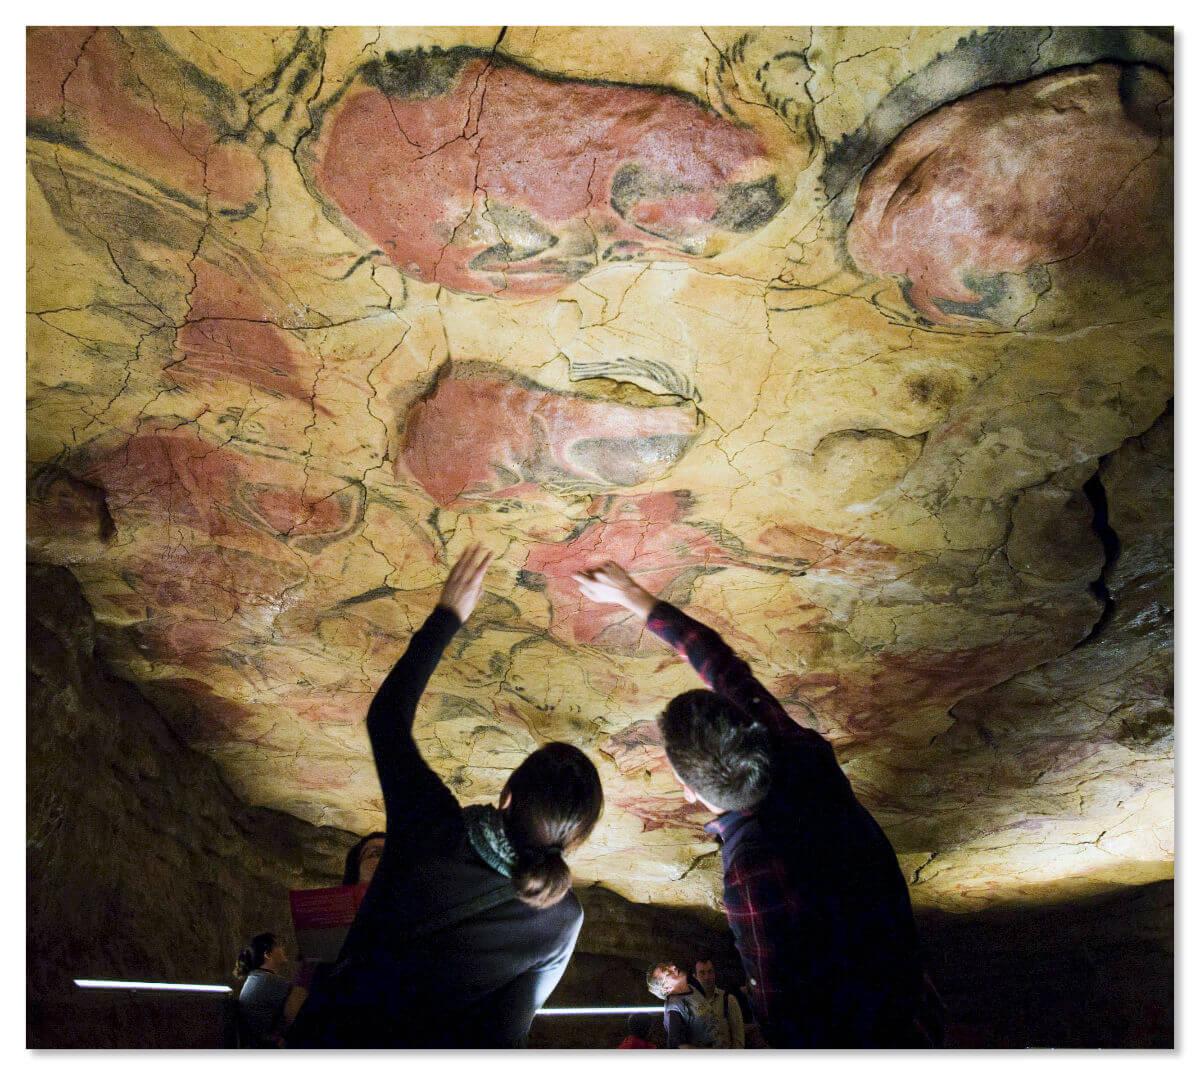 Посещение пещеры Альтамира в Испании